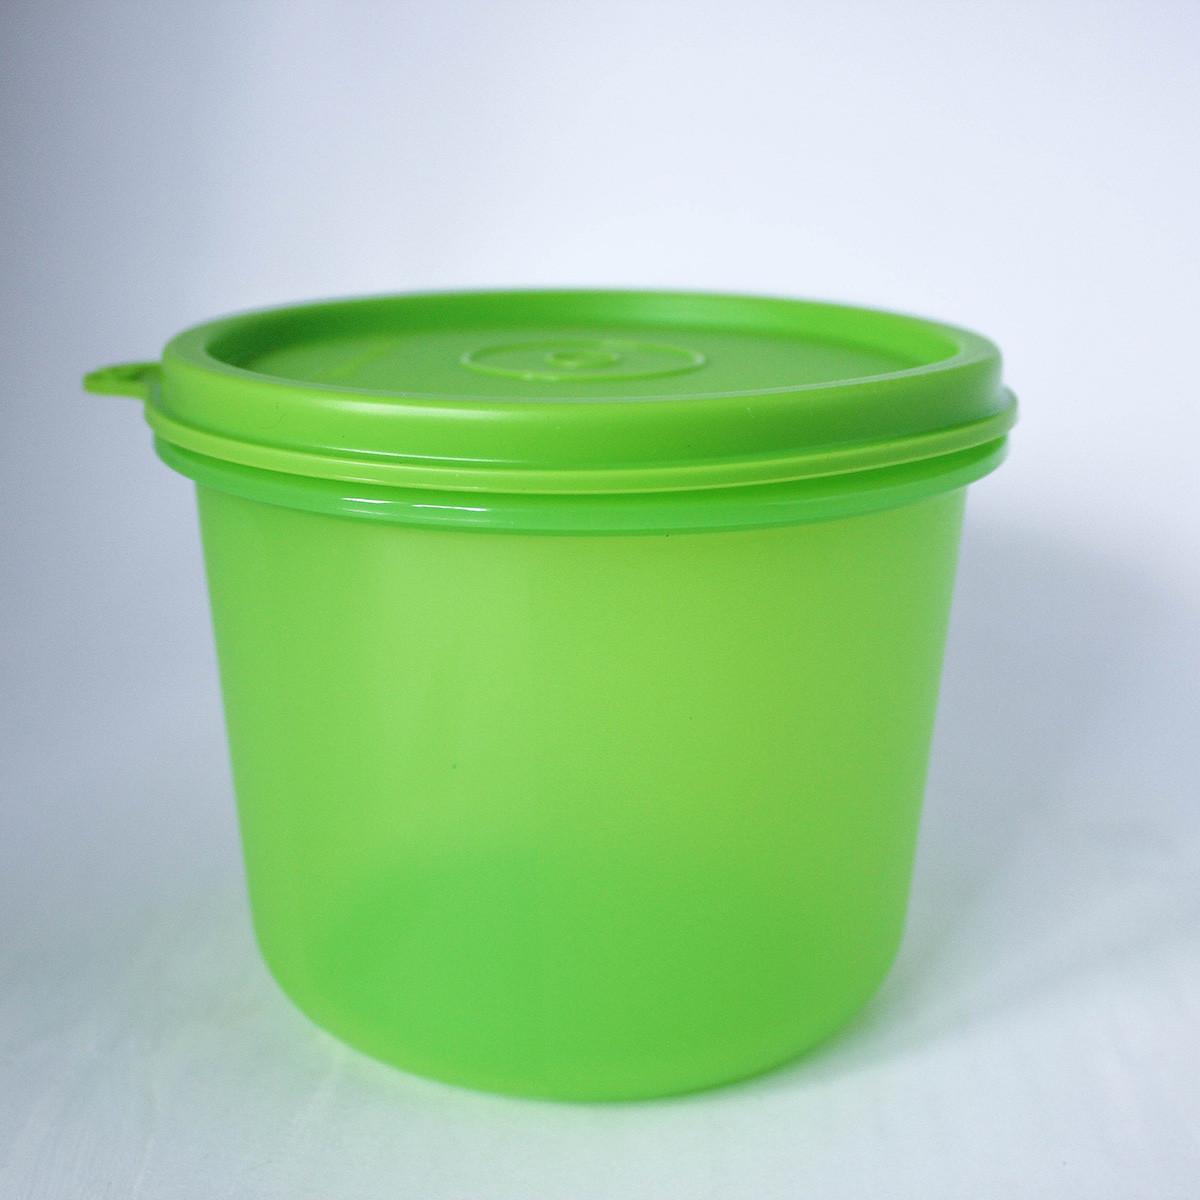 Чаша Шик 550 мл Tupperware в салатовом цвете